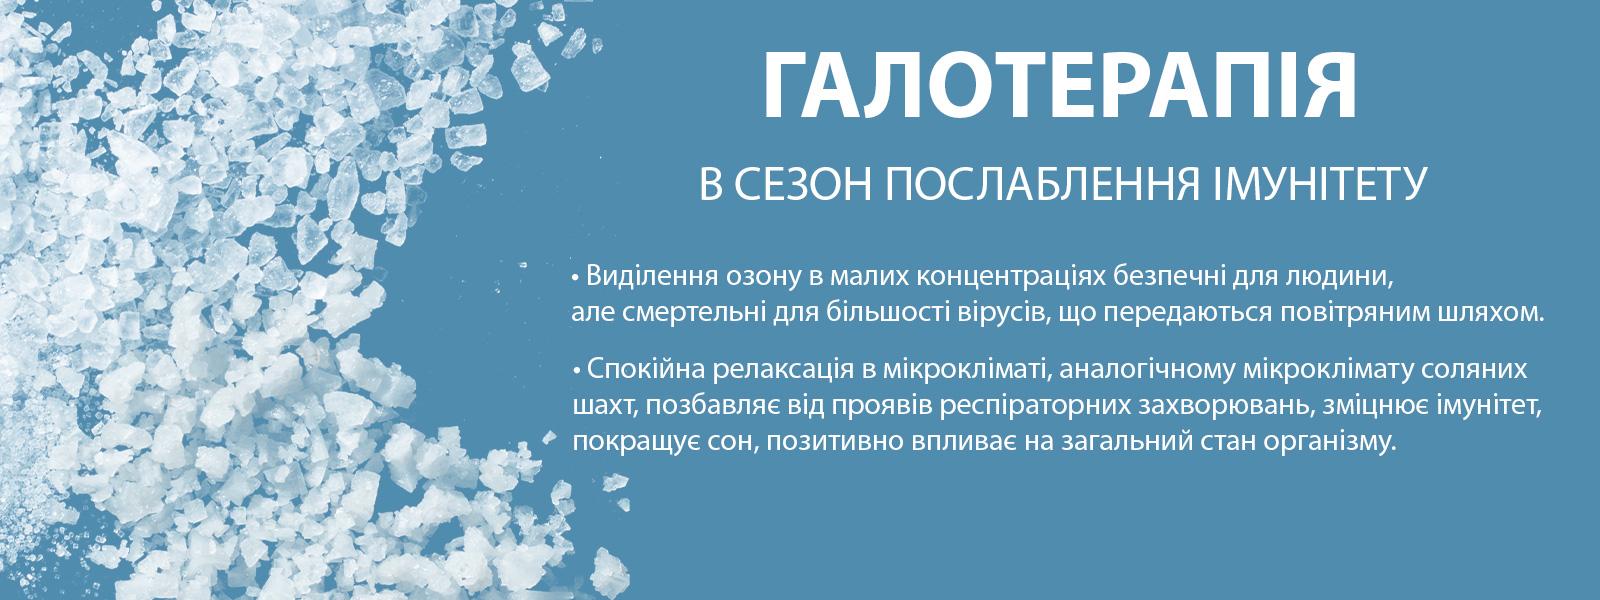 Галотерапия в сезон ослабленного иммунитета для профилактики ОРВИ!